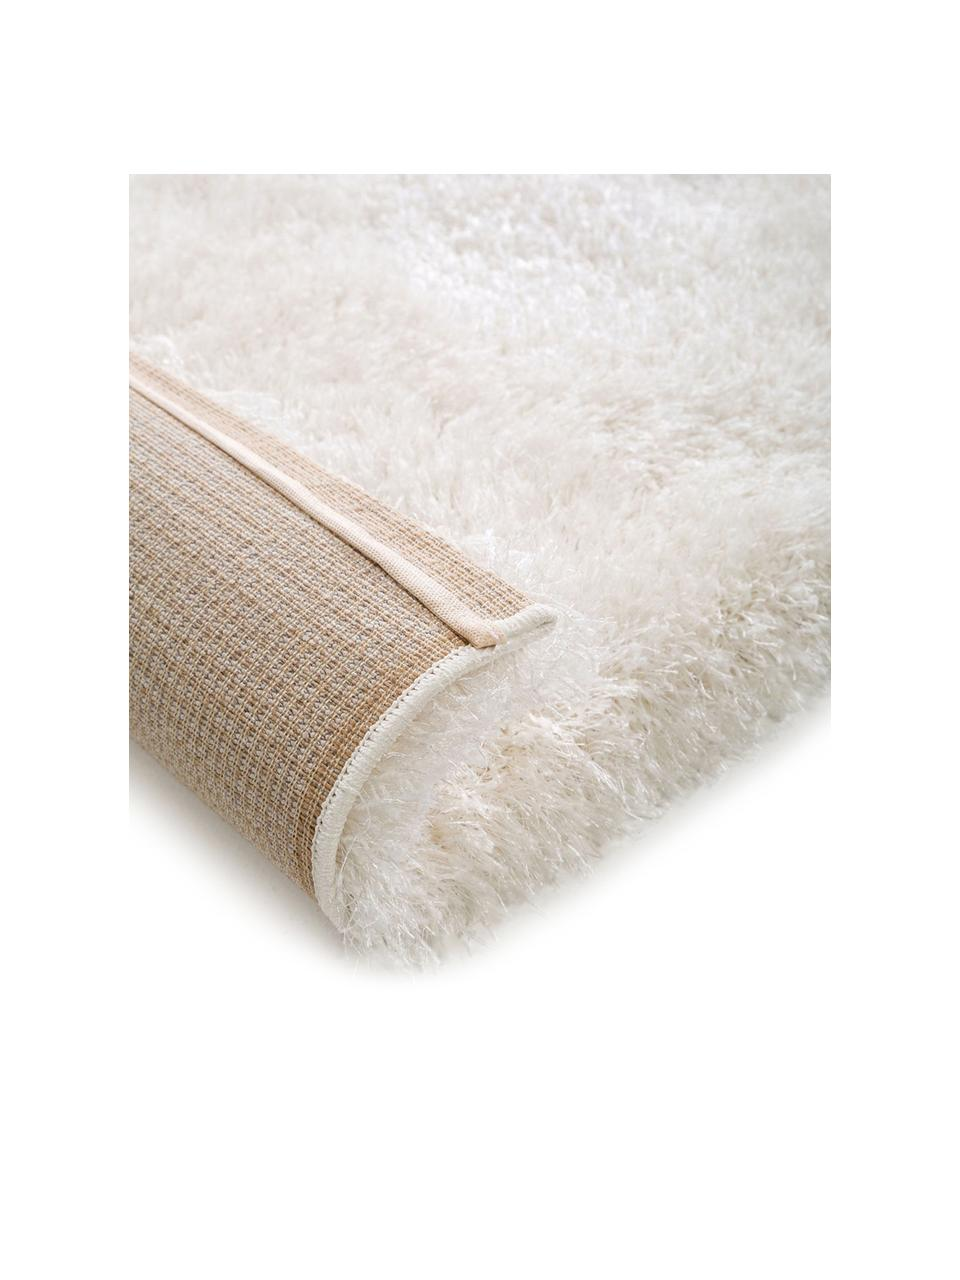 Glänzender Hochflor-Teppich Lea in Weiß, Flor: 50% Polyester, 50% Polypr, Weiß, B 300 x L 400 cm (Größe XL)